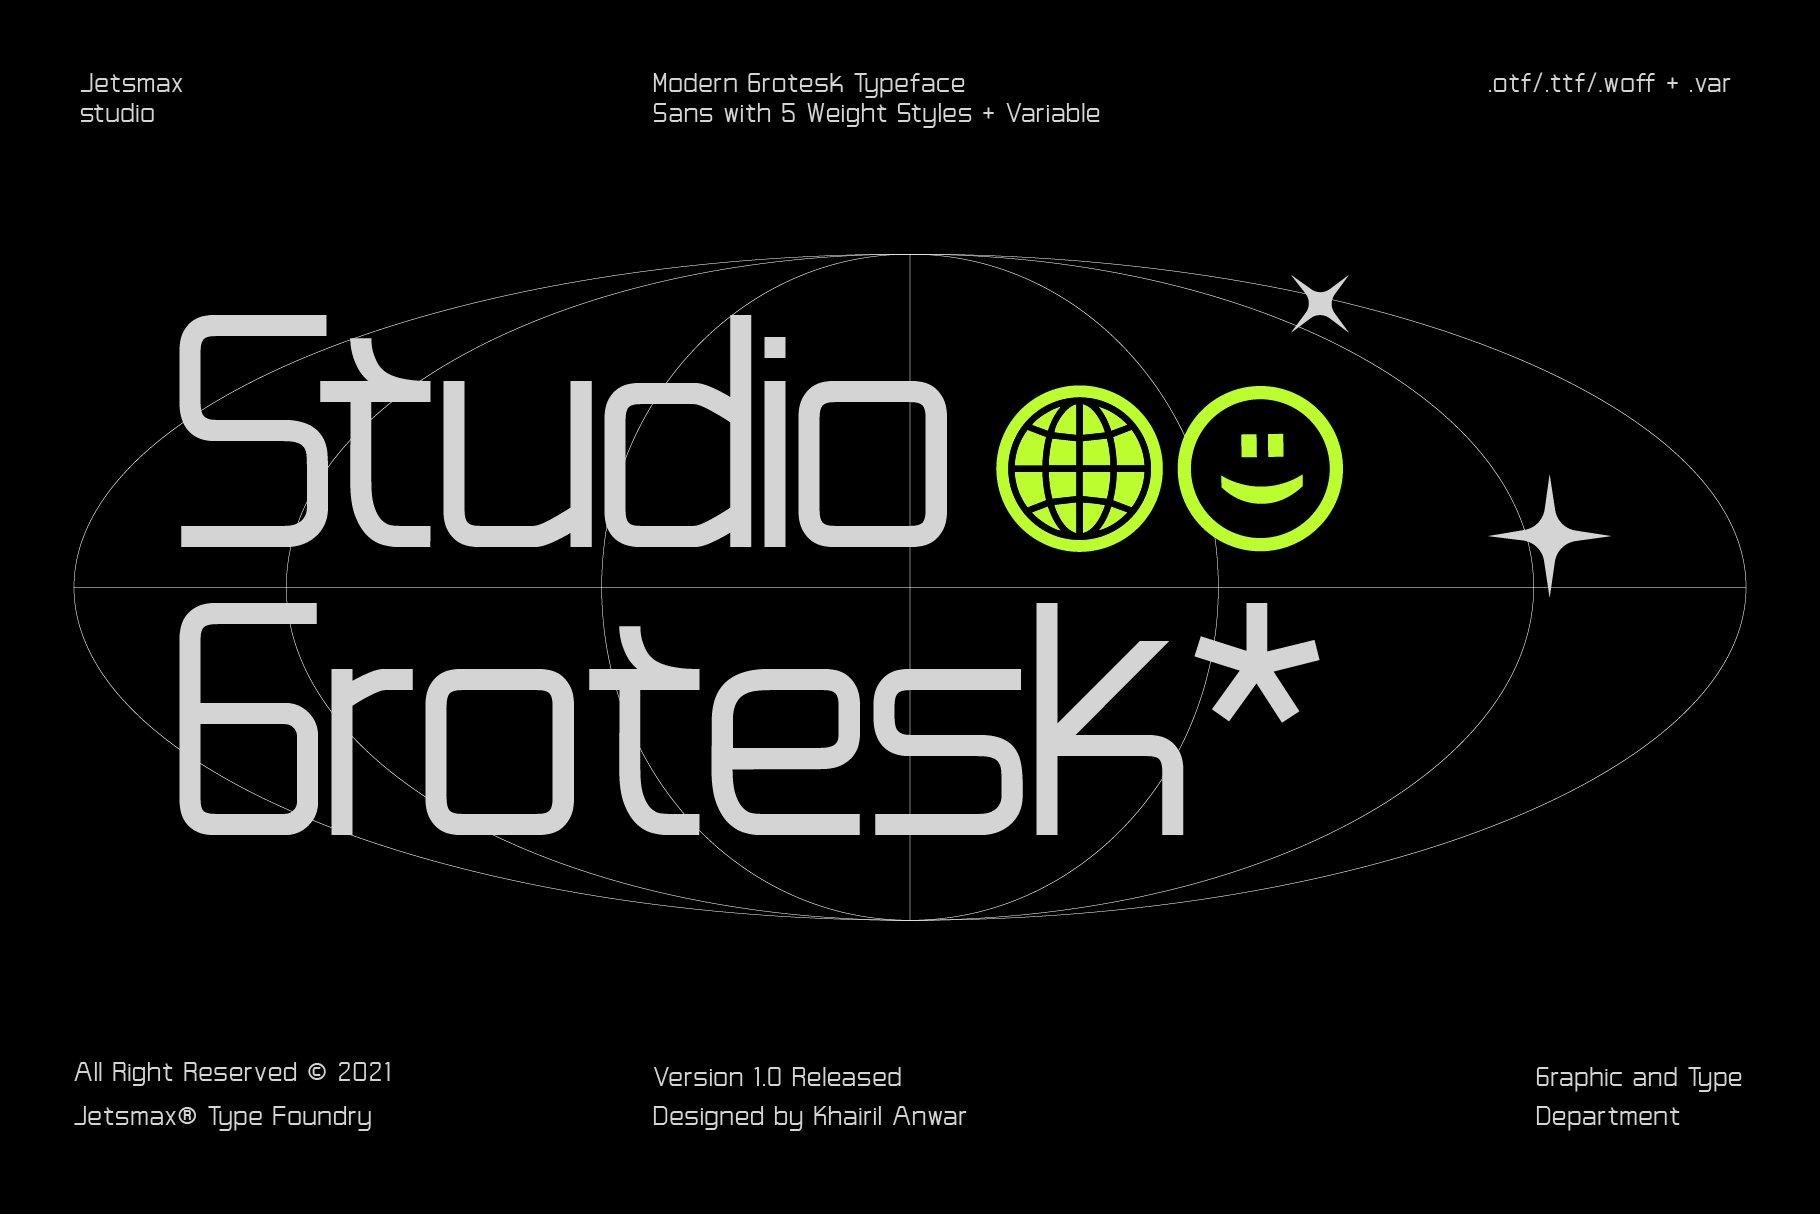 [单独购买] 潮流未来科技酸性艺术海报标题品牌Logo设计无衬线英文字体素材 Studio Grotesk Font插图